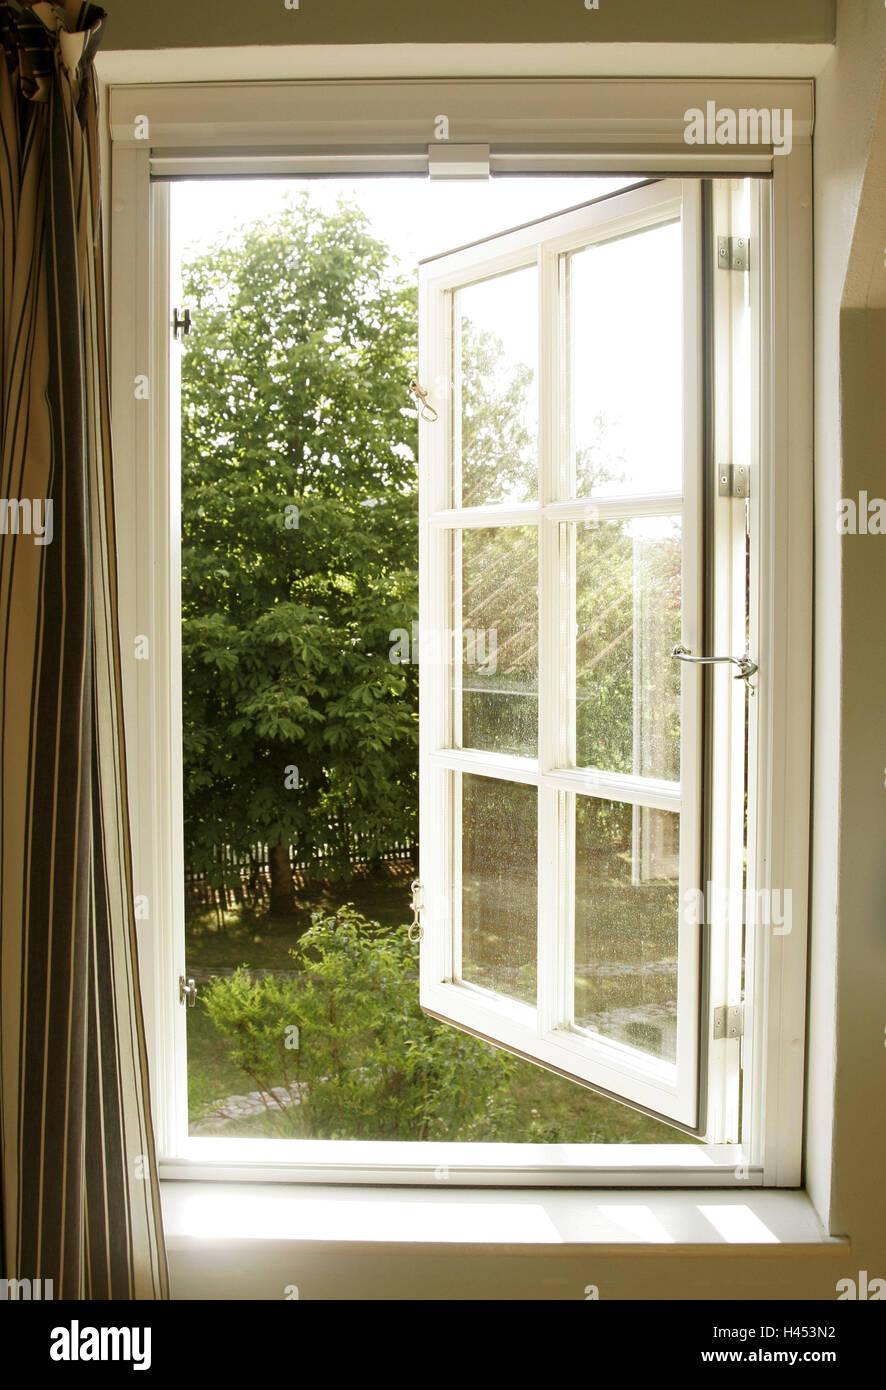 Fenster Geöffnet Sonnenschein Ansicht Landleben Wohnung